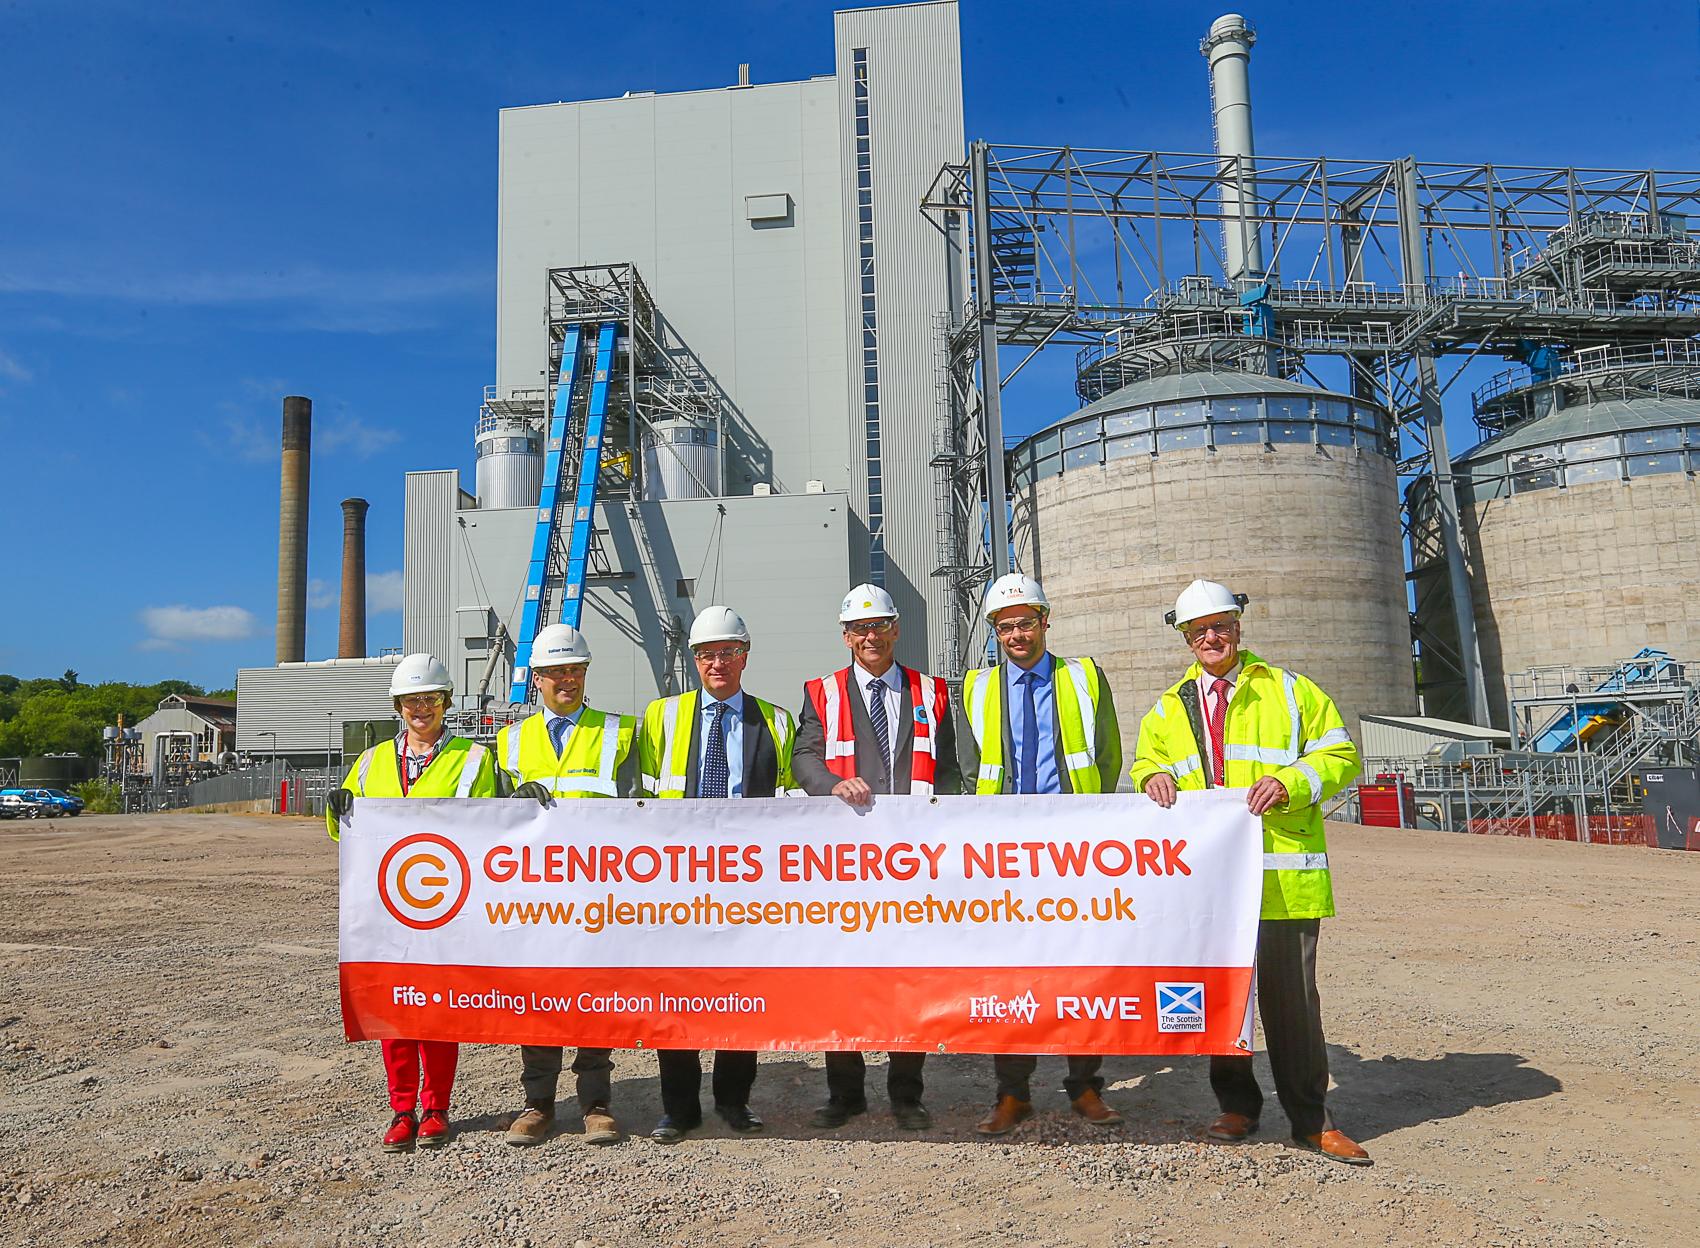 Councillor Fiona Grant, Stephen Scott (Balfour Beatty), Steve Hicks (RWE), Mark Picton (RWE), Scott Lutton (Vital Energi) and Councillor Ross Vettraino mark work starting on Glenrothes Energy Network.